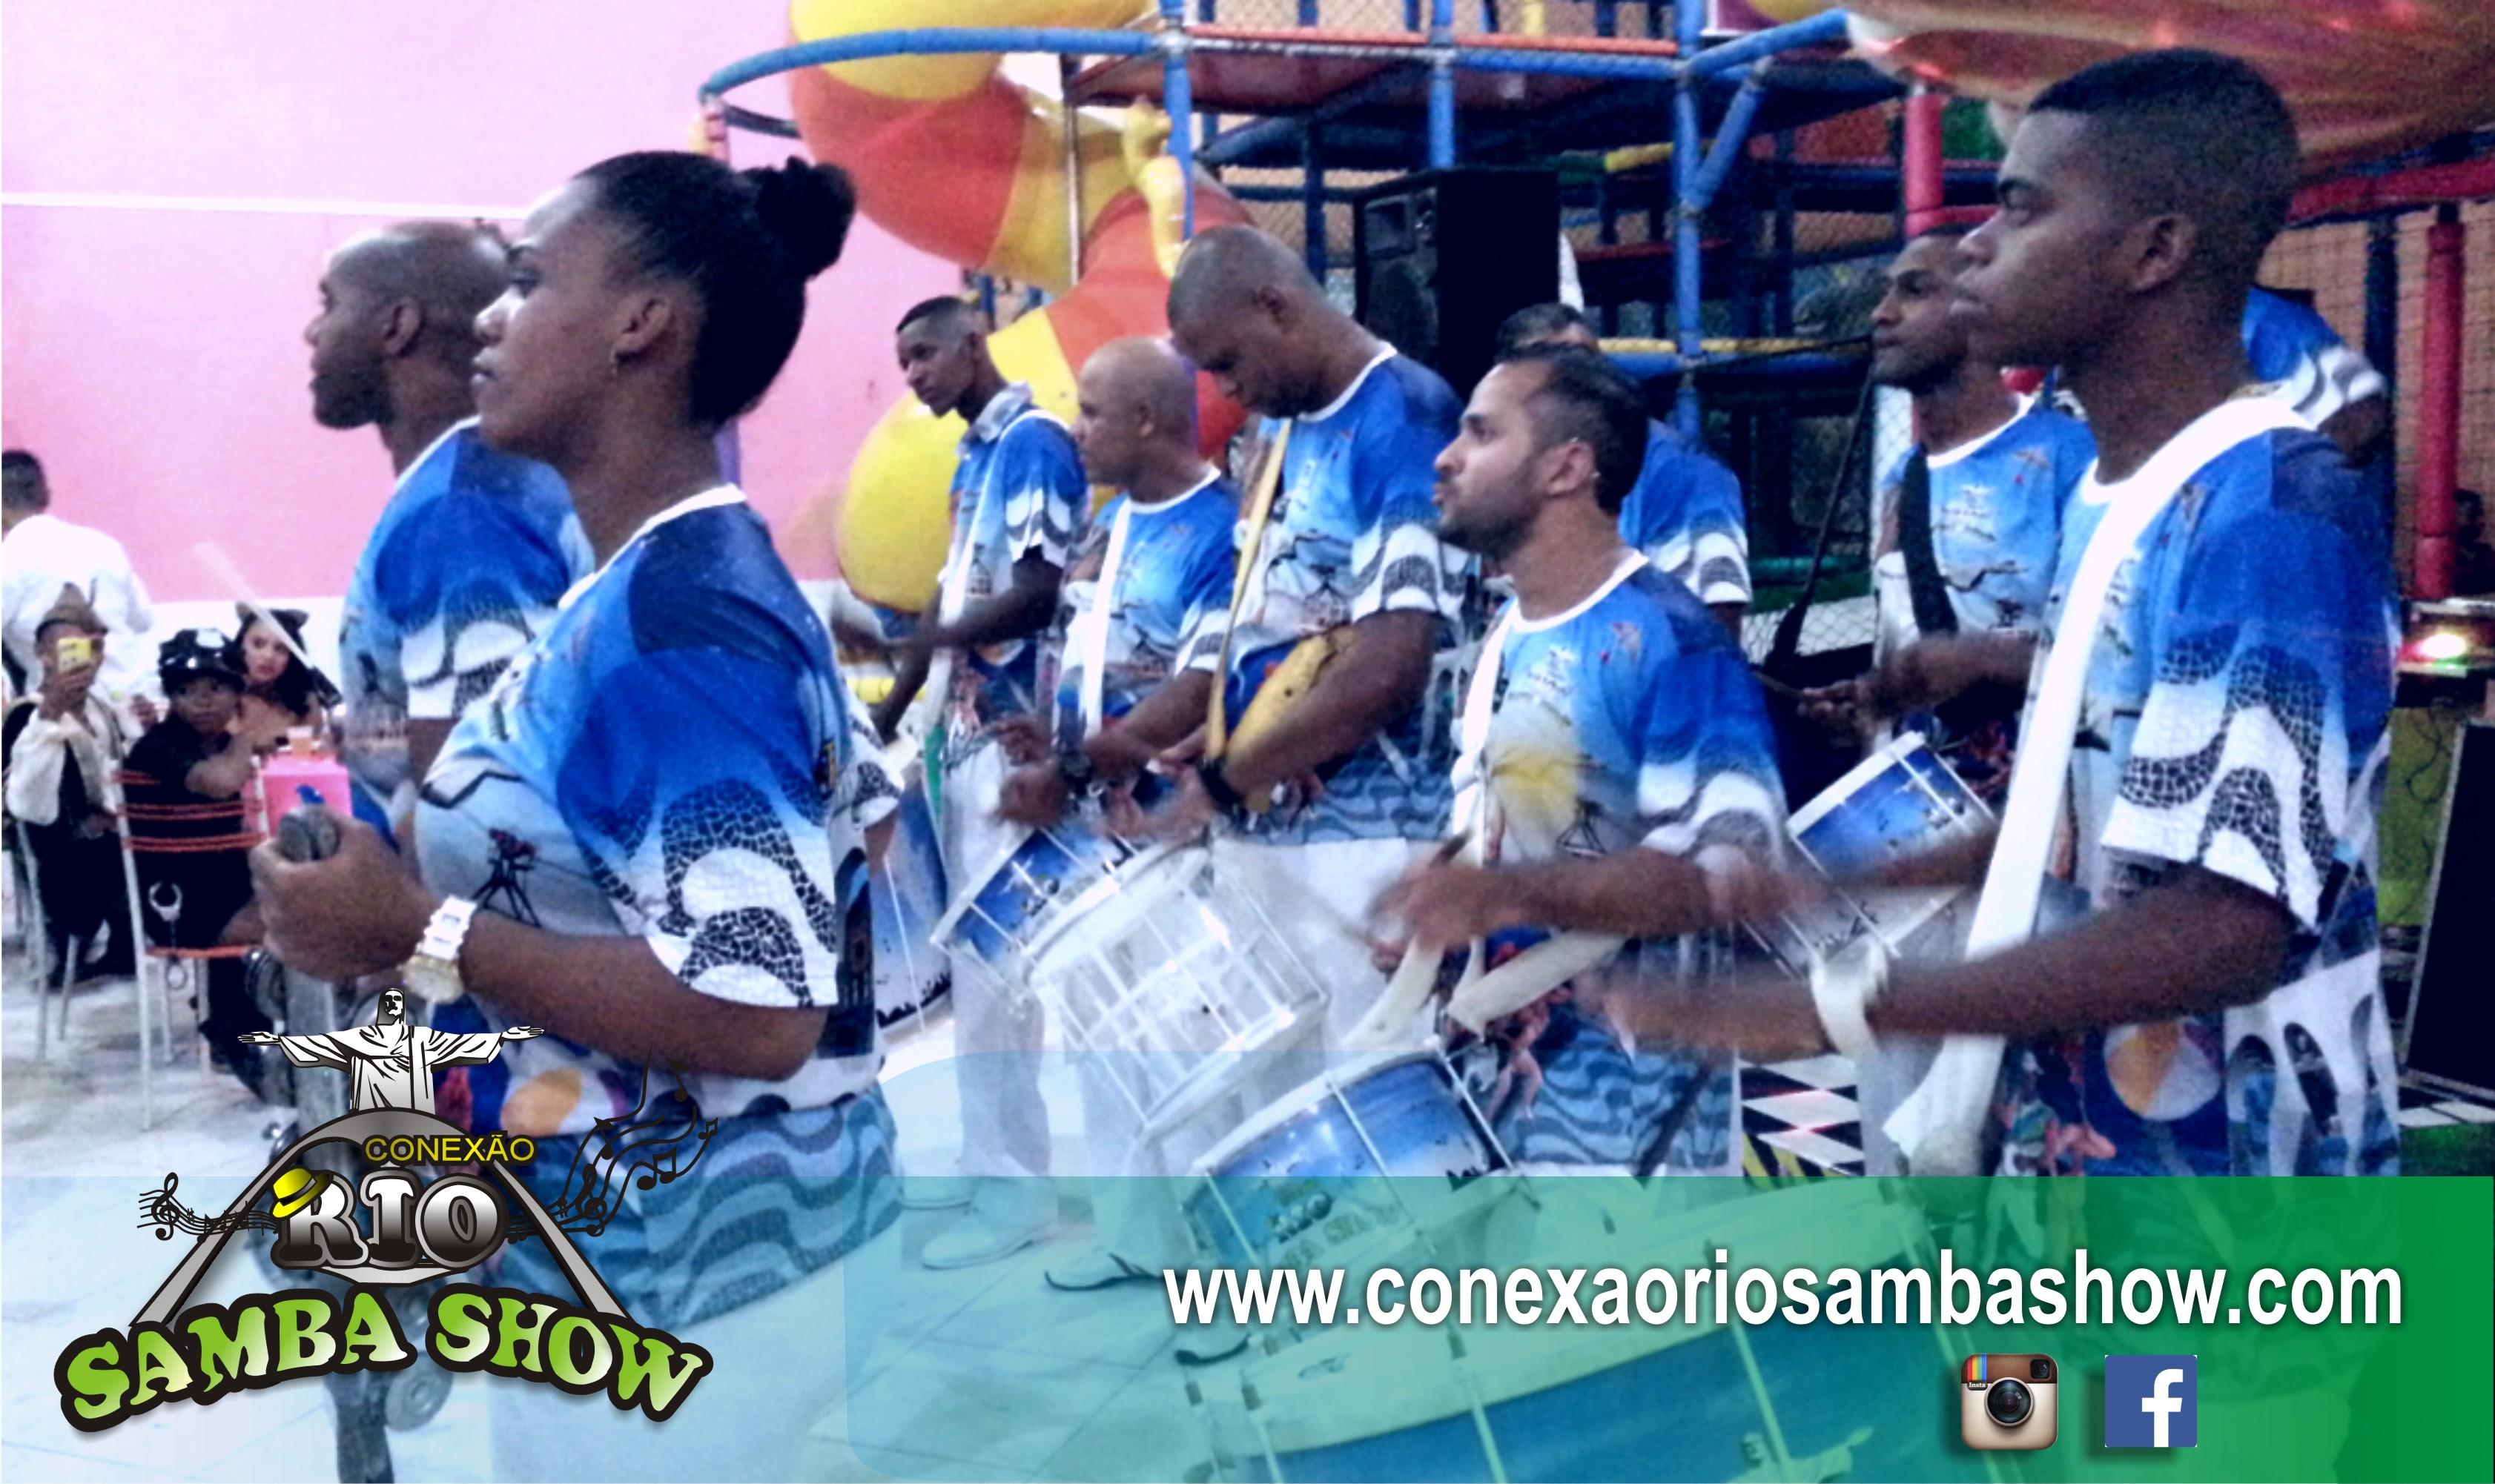 conexão_rio_samba_show_04.jpg